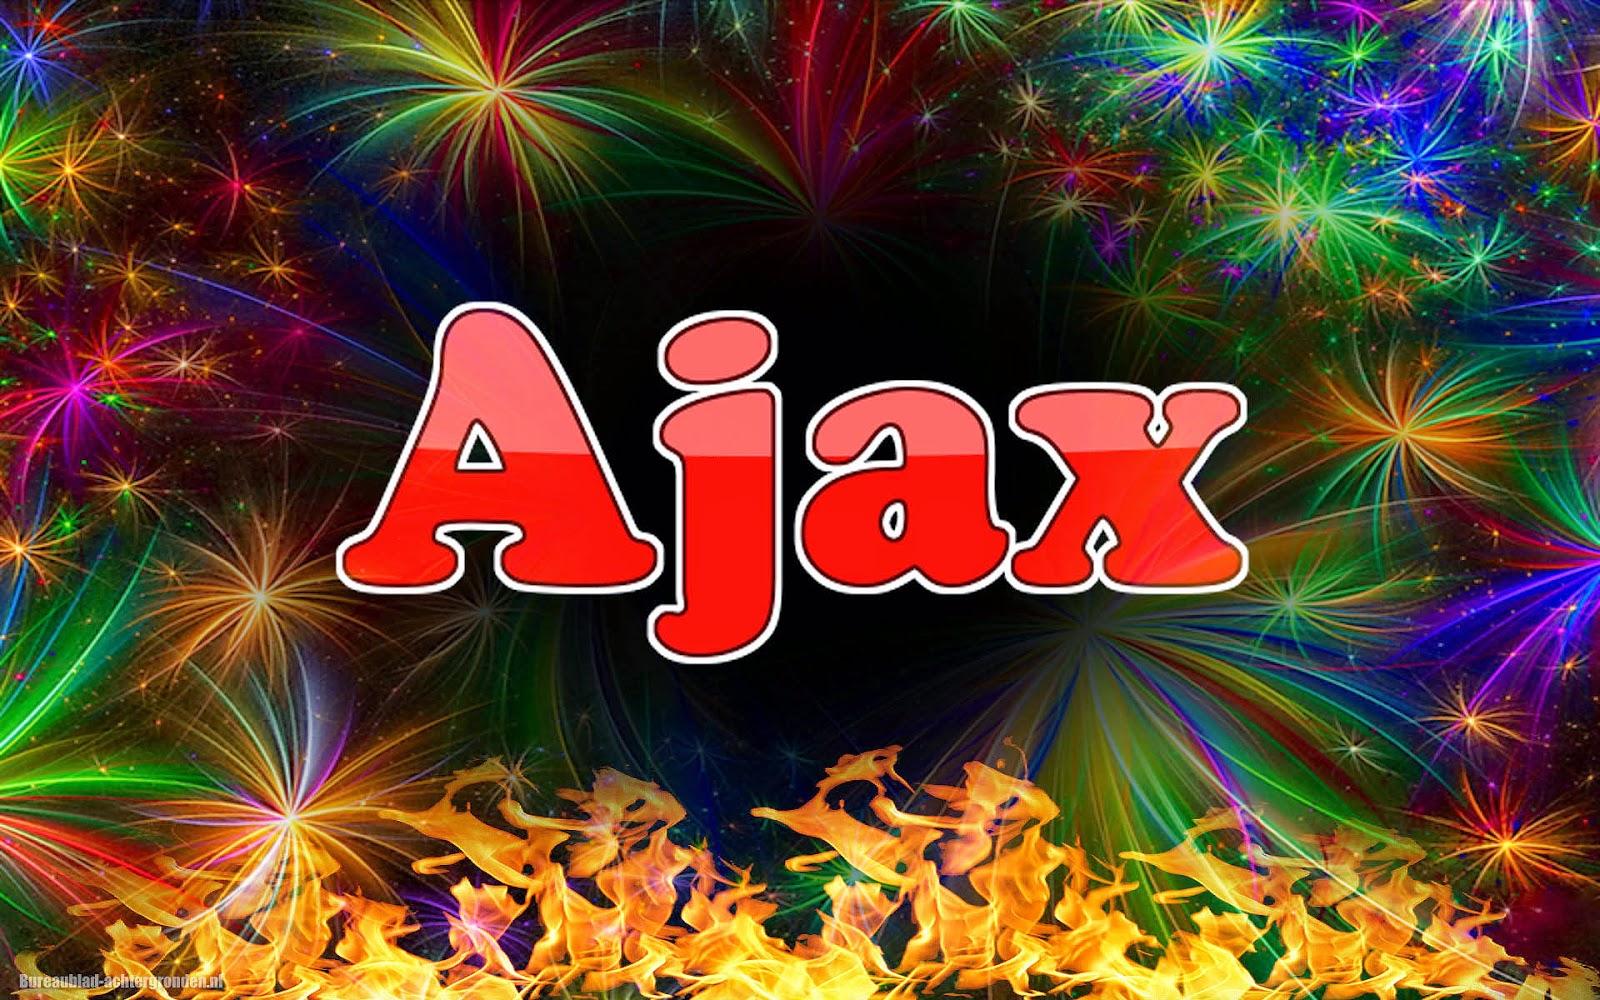 Unieke Ajax wallpaper met tekst